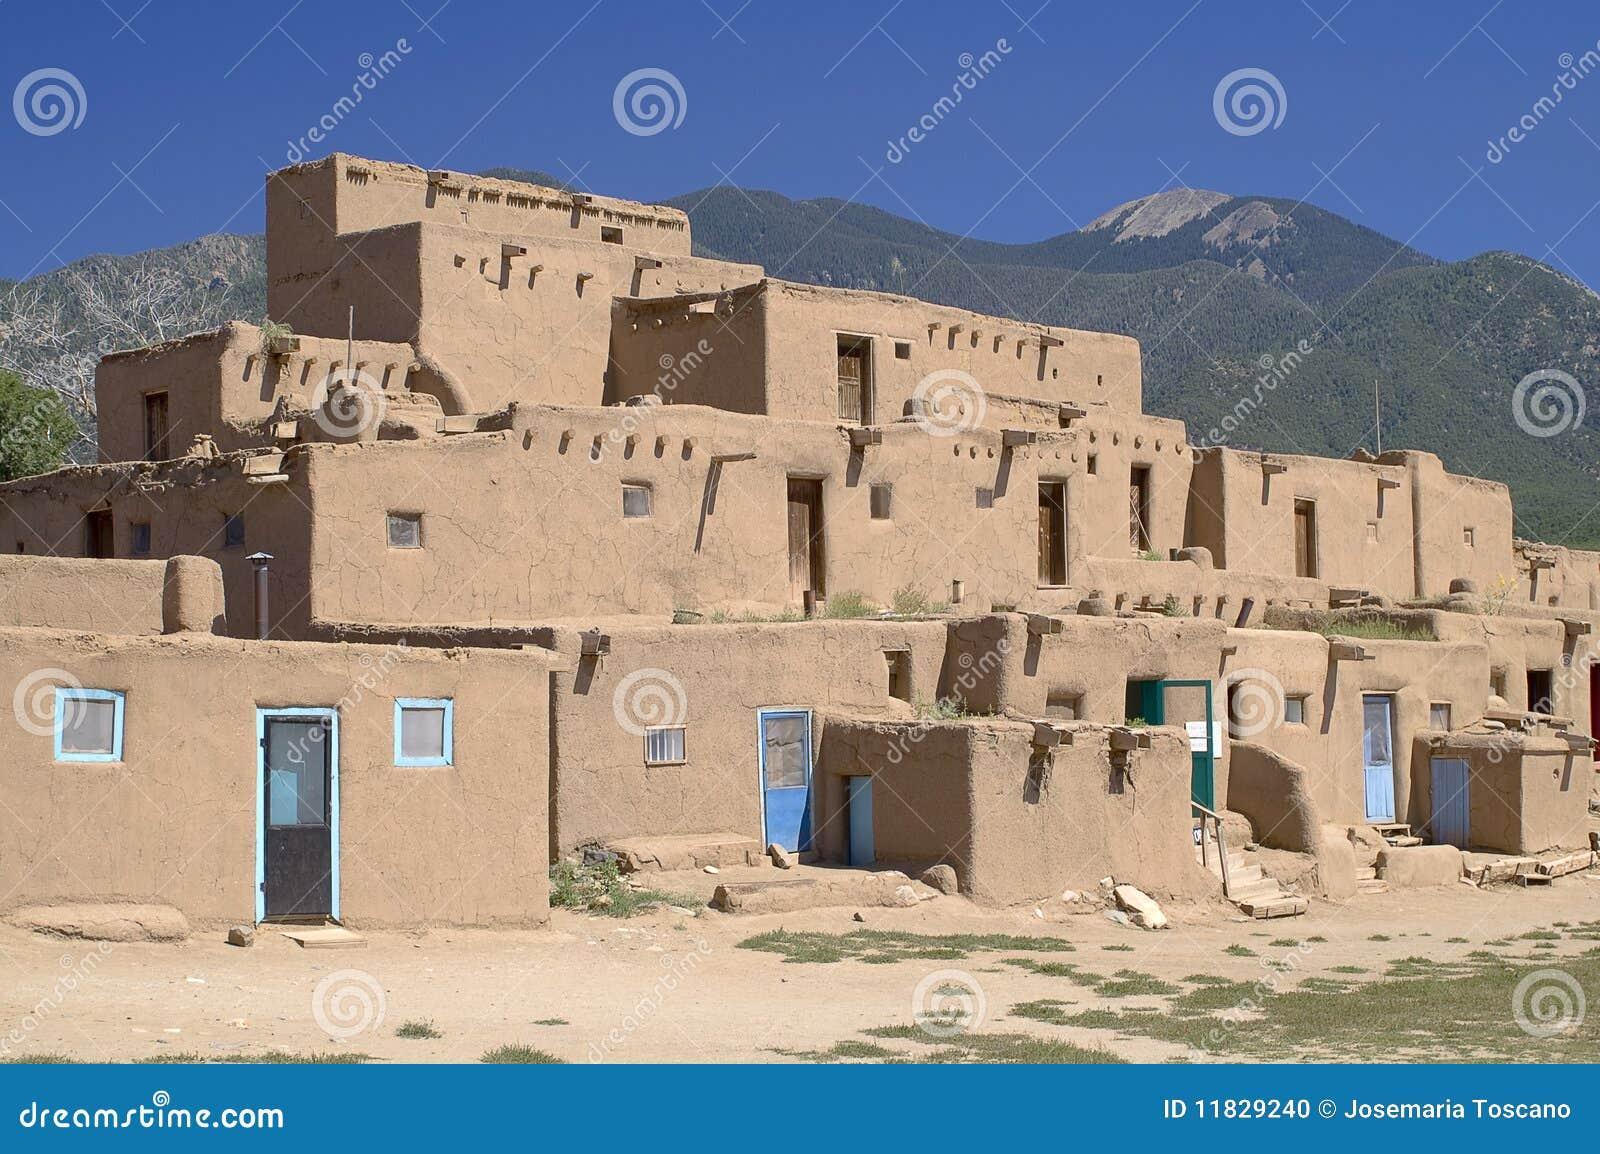 Casas de adobe en el pueblo de taos foto de archivo - Casas en pueblos ...